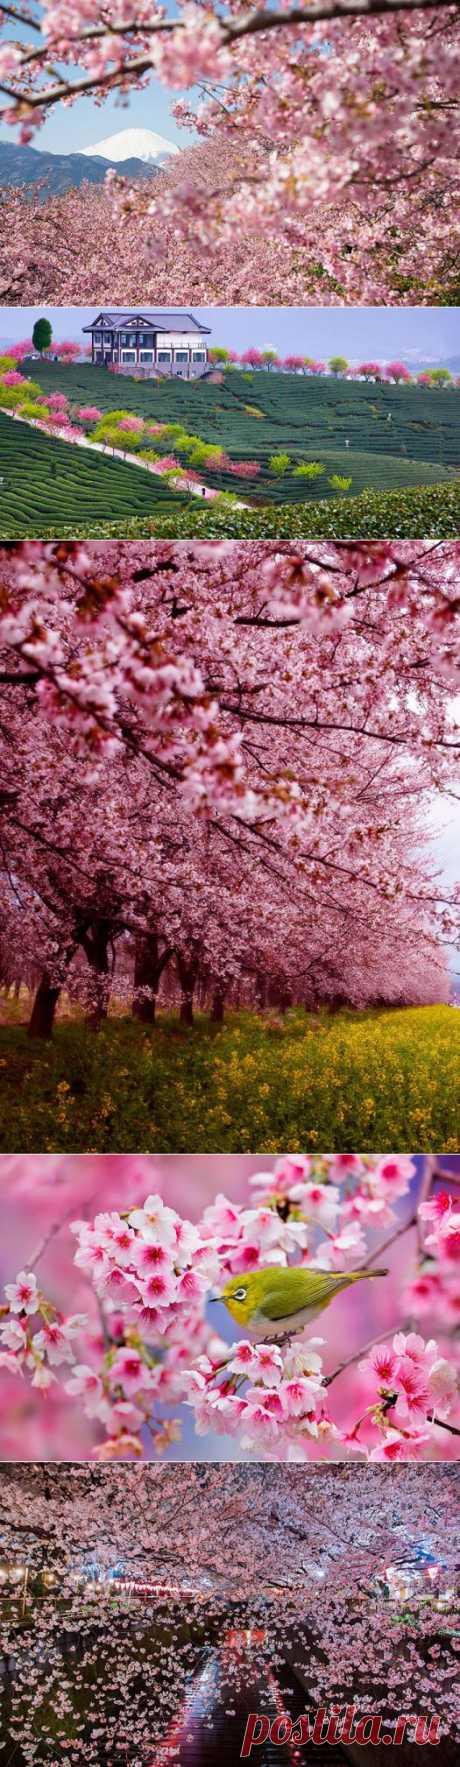 Цветение сакуры в Японии: весна идет, весне дорогу   Фотография   Фотография